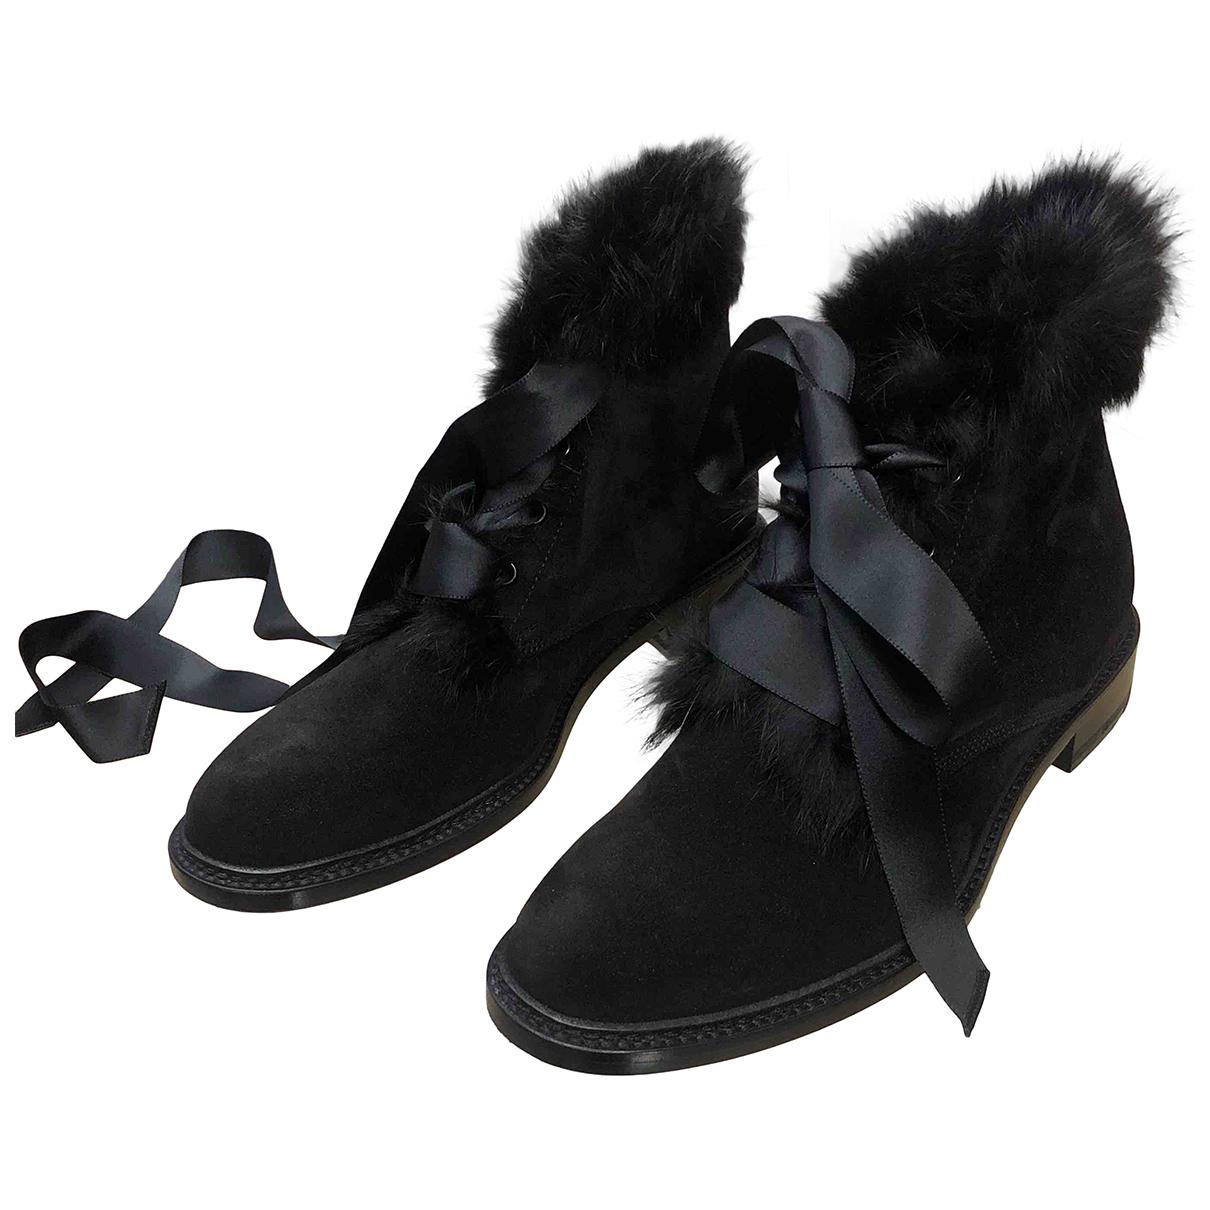 Saint Laurent N Black Suede Ankle boots for Women 39.5 EU